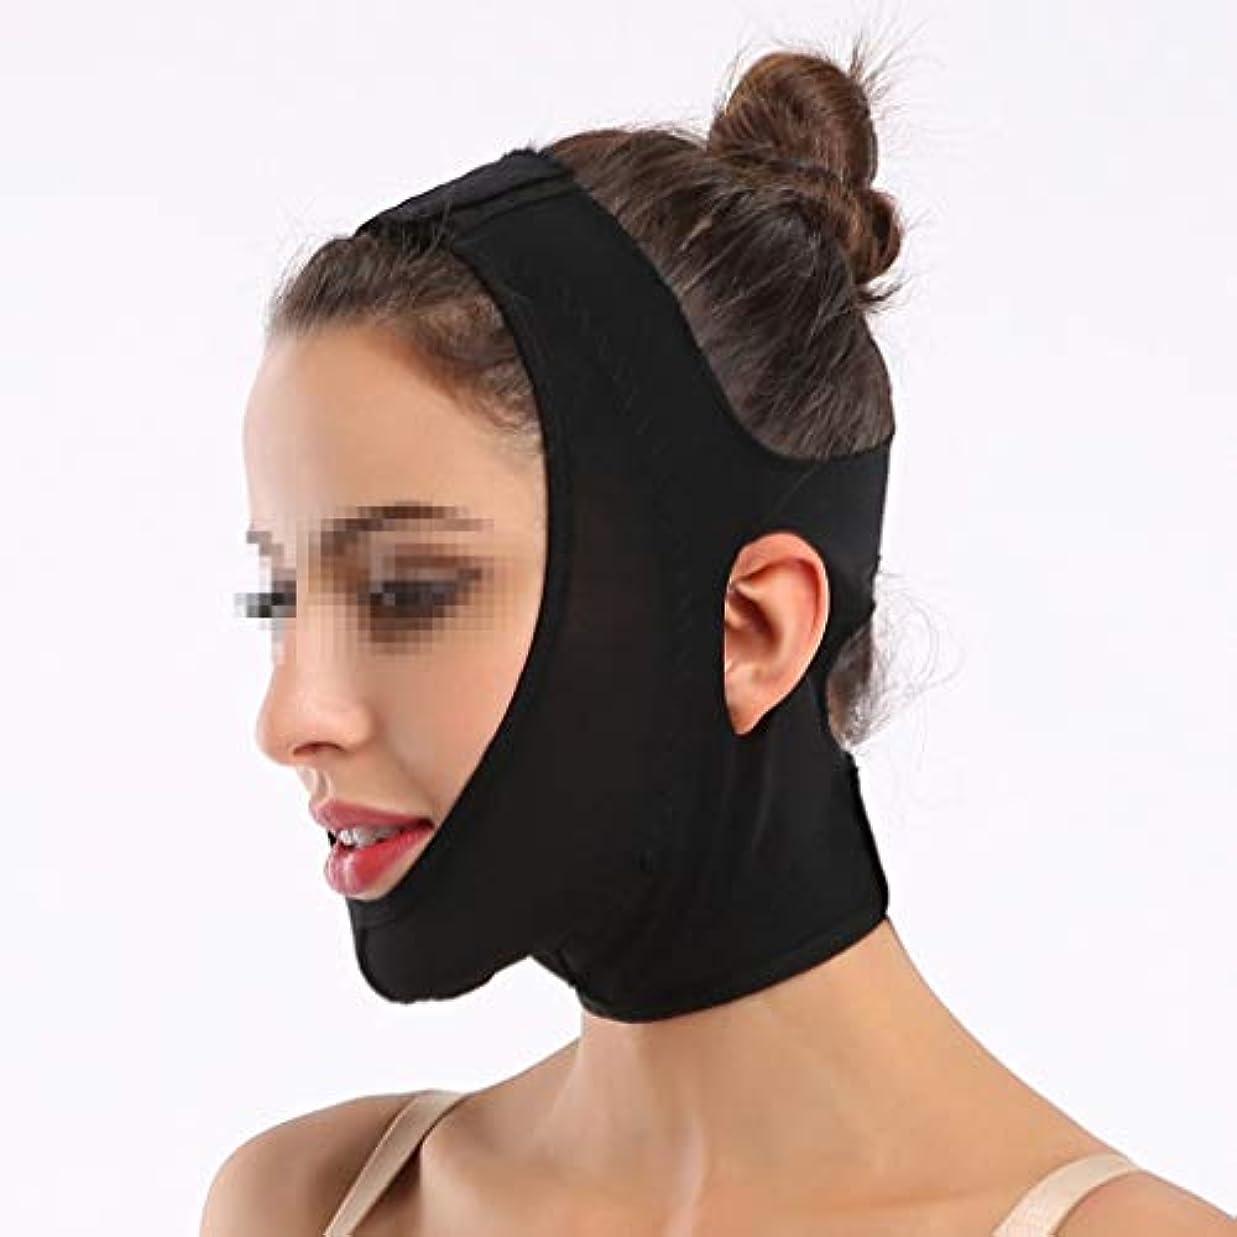 レビュアー貼り直す核Vフェイスマスク、包帯マスクを持ち上げて引き締めるスキニービューティーサロン1日2時間Vフェイスマッサージ術後回復